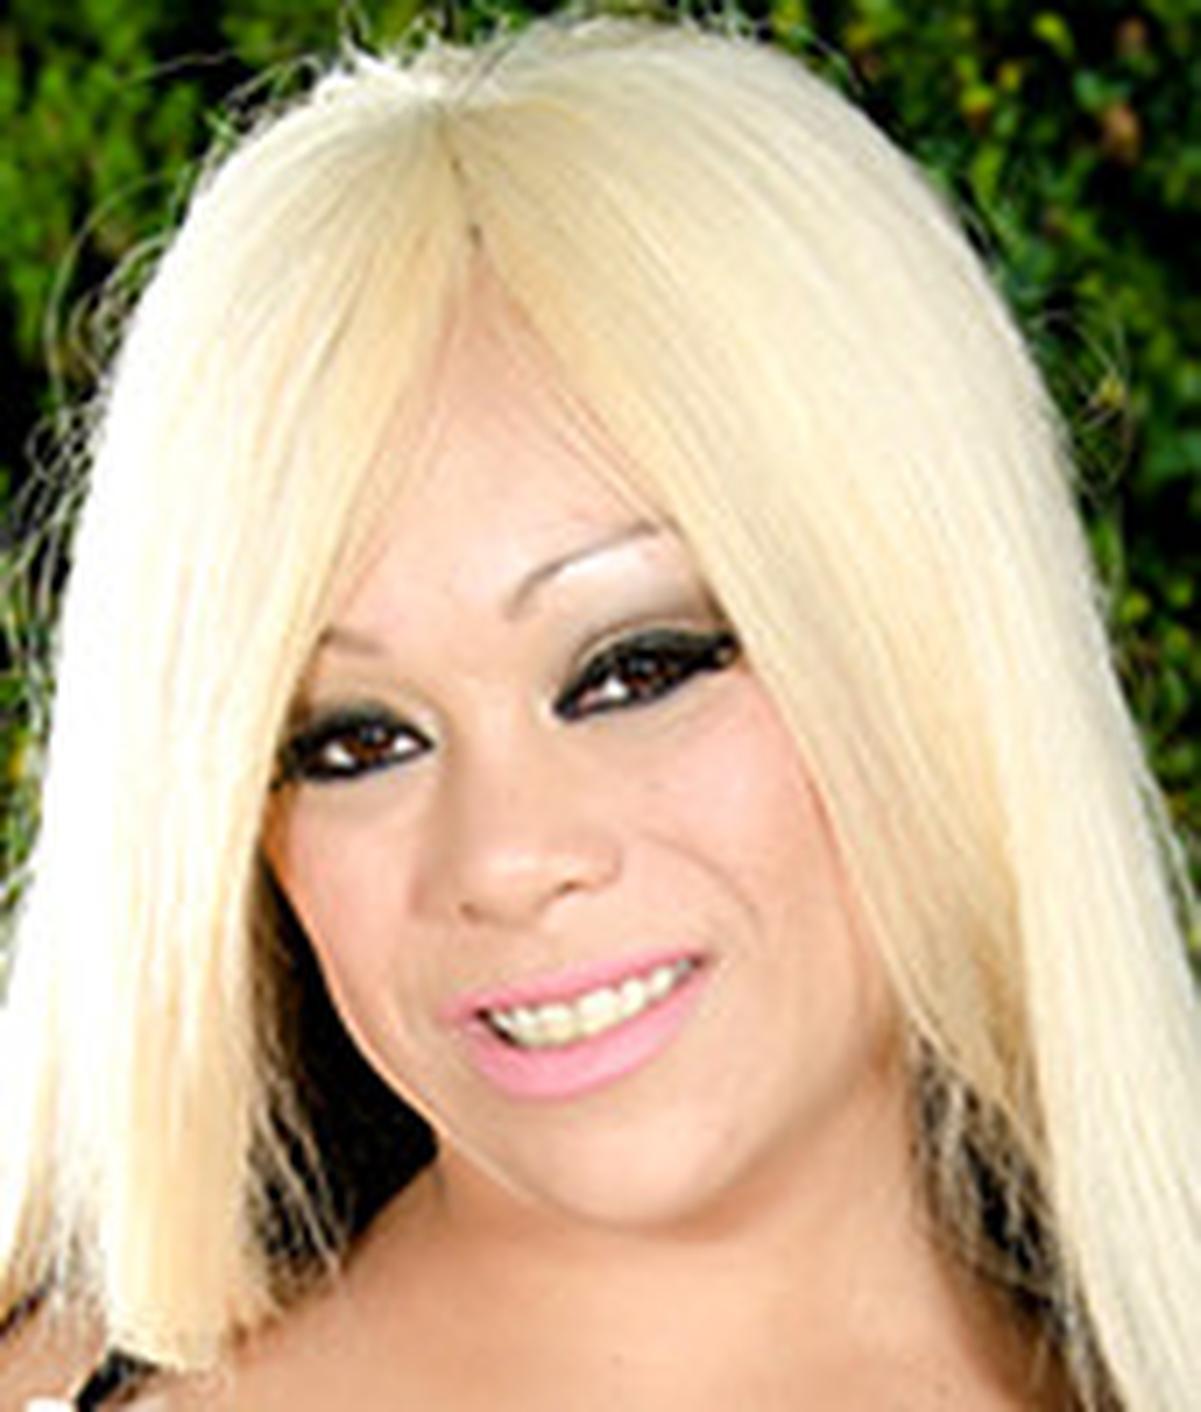 Natasha Talonz